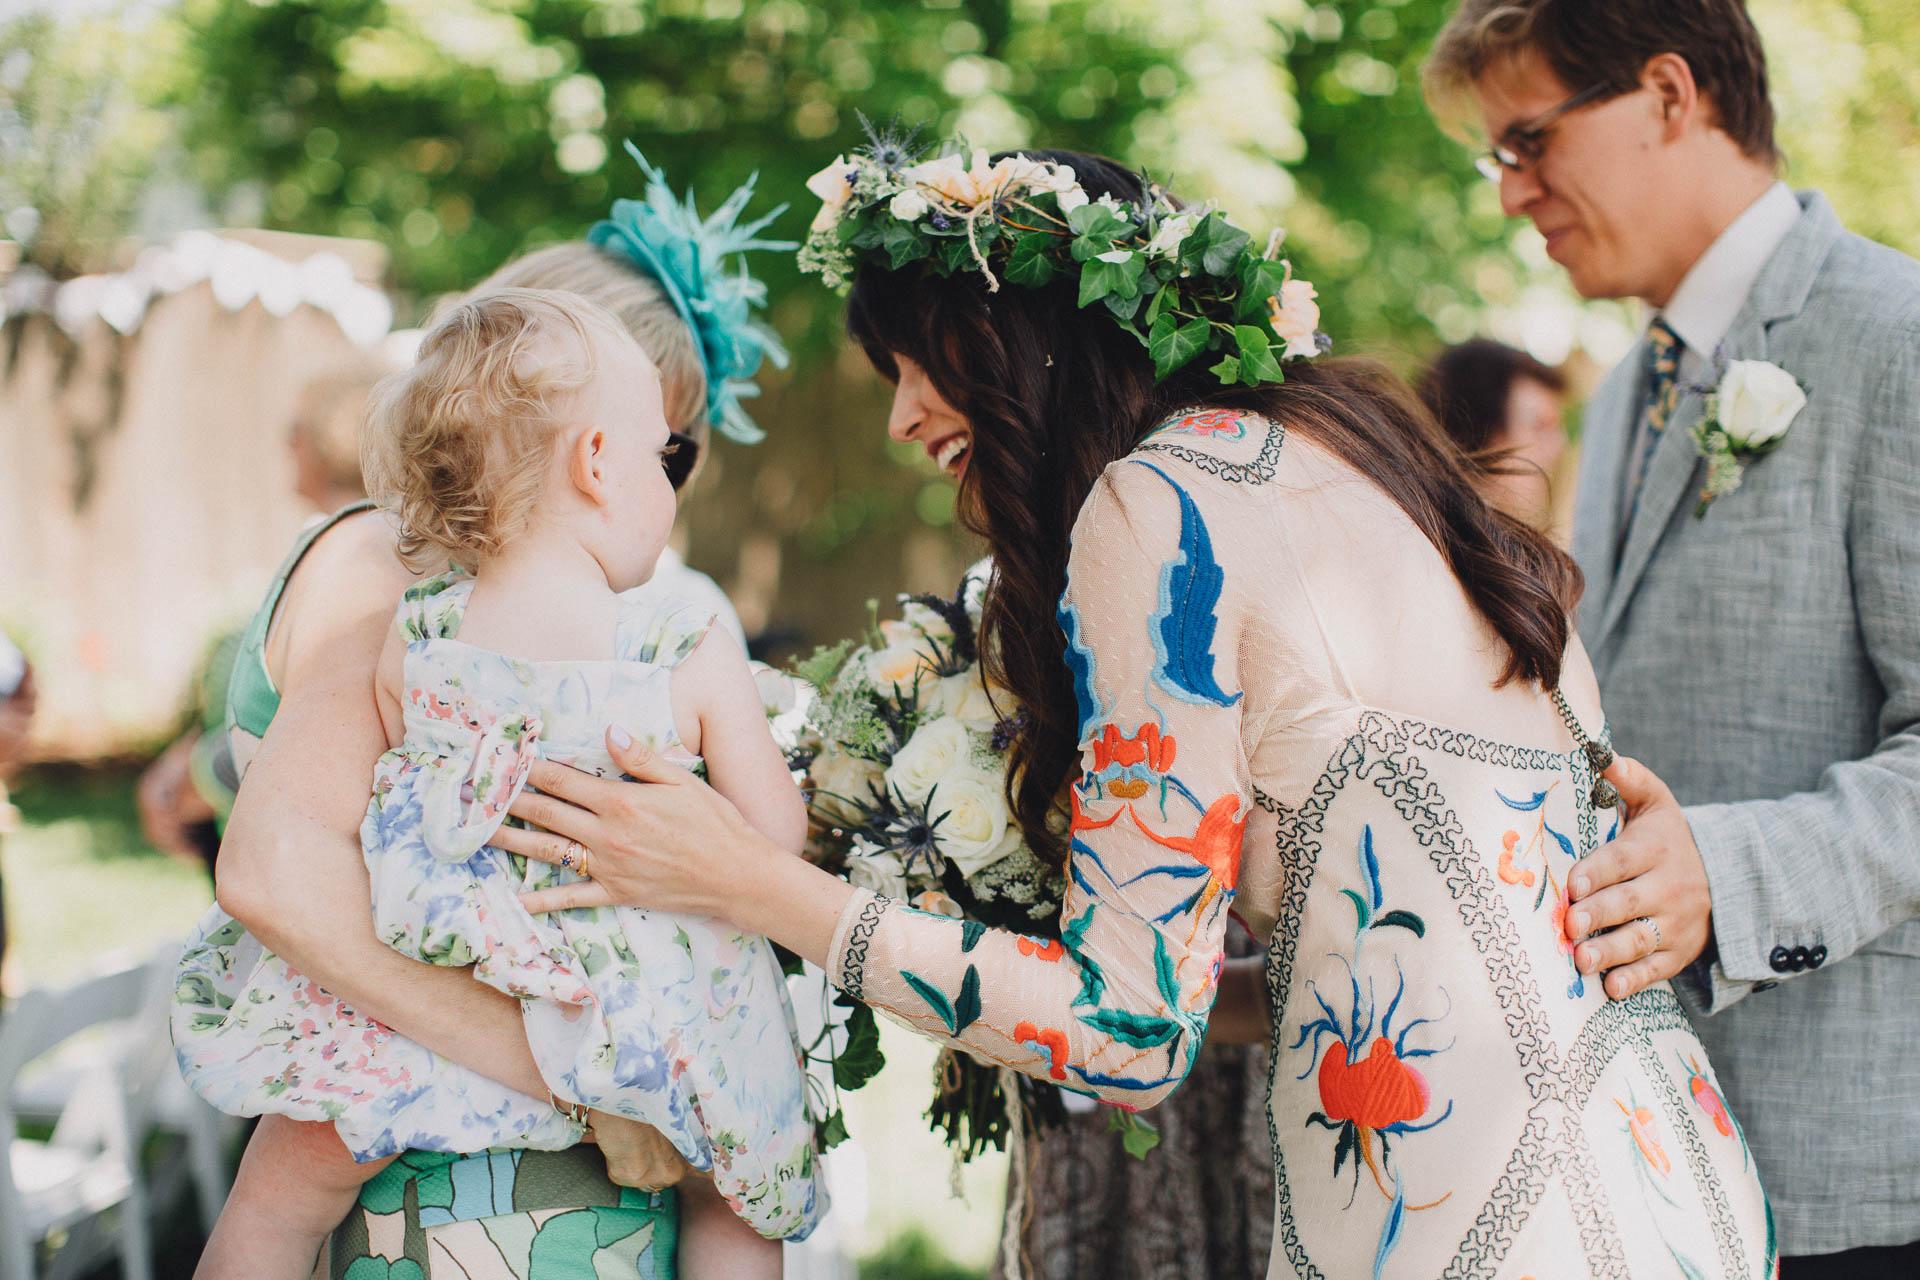 Megan-Paul-Ohio-English-Garden-Wedding-053@2x.jpg